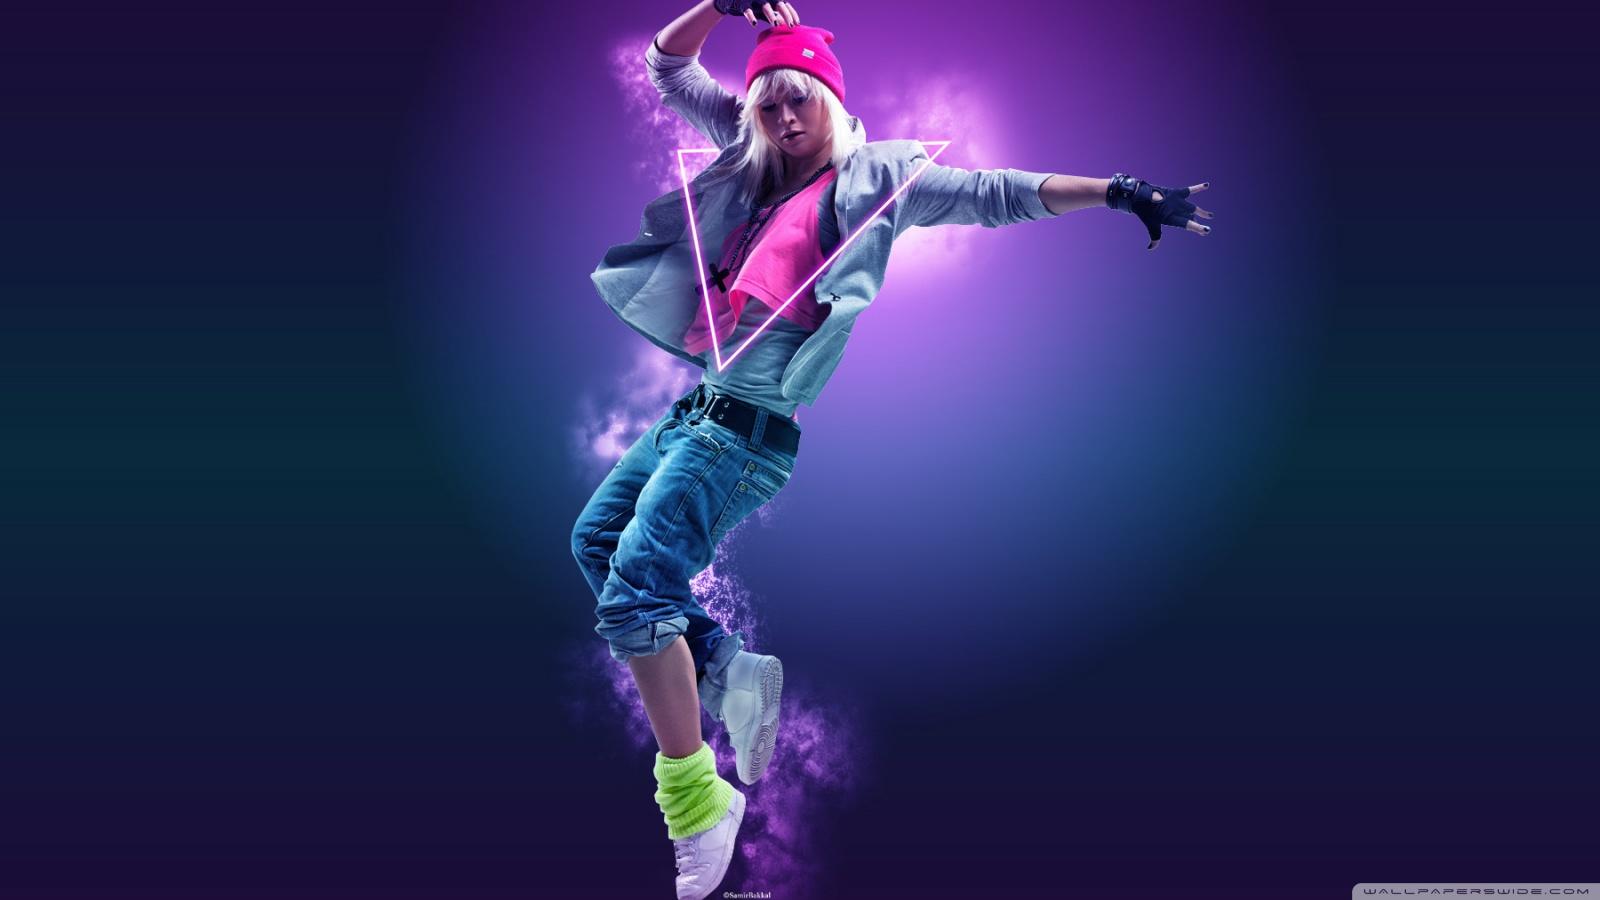 Abstract Colourful Dancer Hd Desktop Wallpaper Widescreen Hd